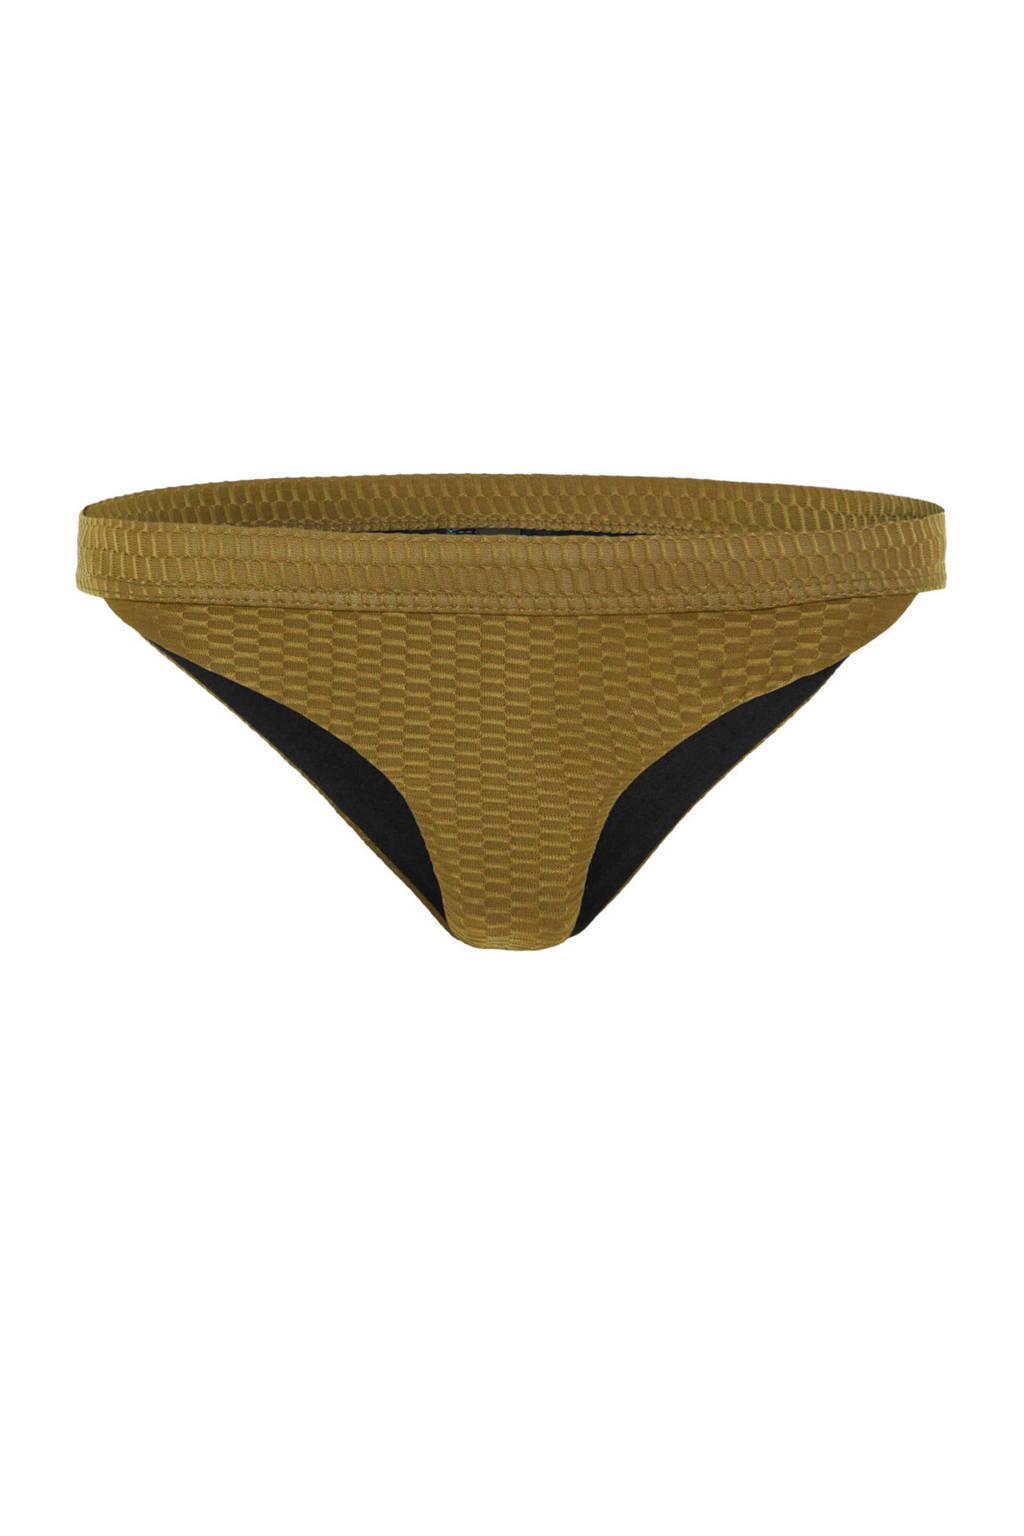 Y.A.S bikinibroekje kakigroen, Kakigroen